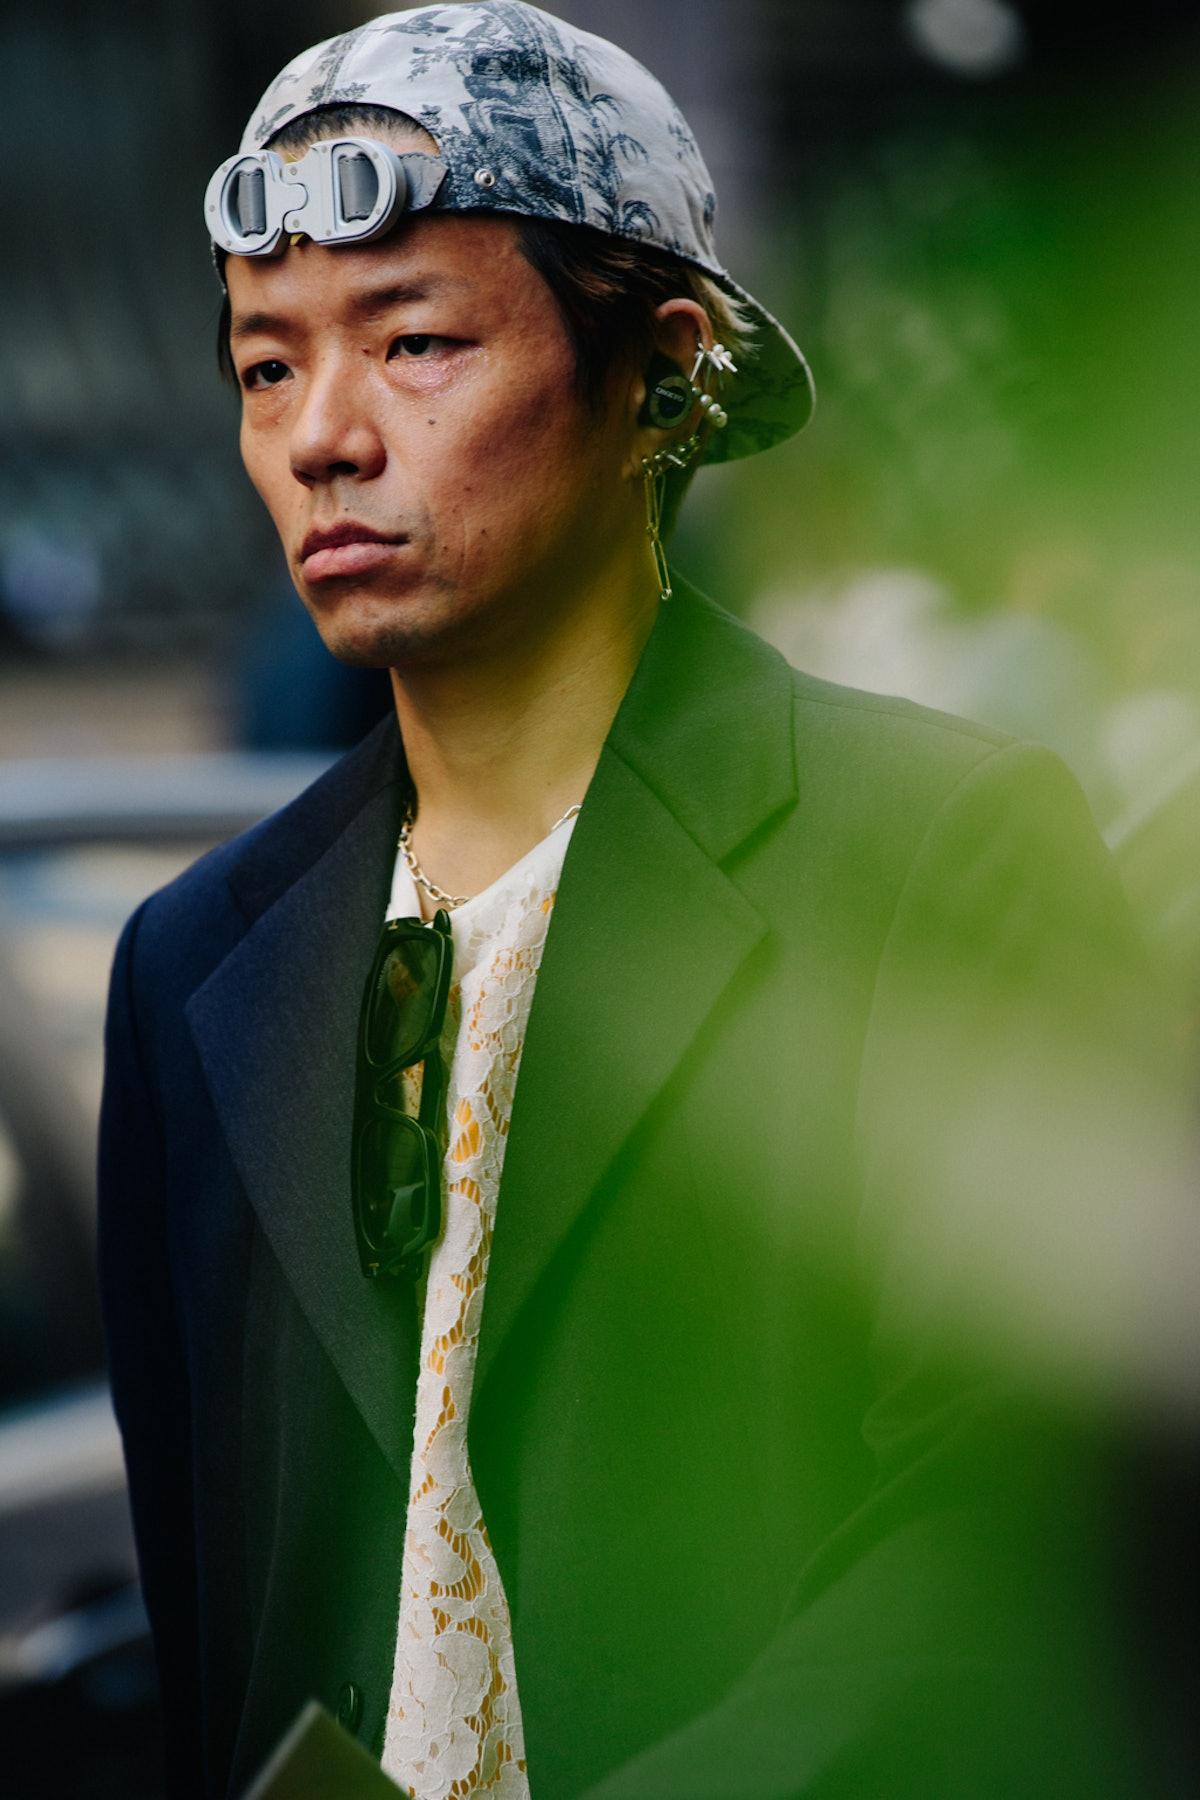 Adam-Katz-Sinding-W-Magazine-Milan-Fashion-Week-Spring-Summer-2020_AKS2854.jpg